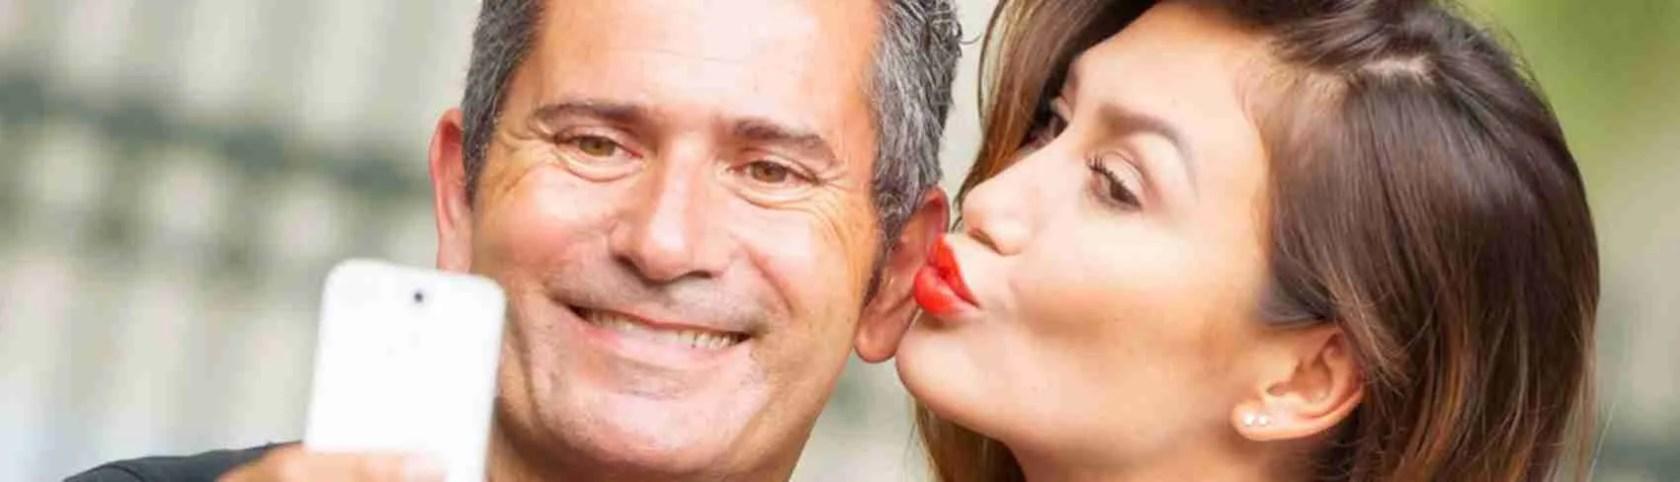 Spesso le escort Reggio Emilia si relazionano con uomini ricchi e molto maturi. Magica Escort